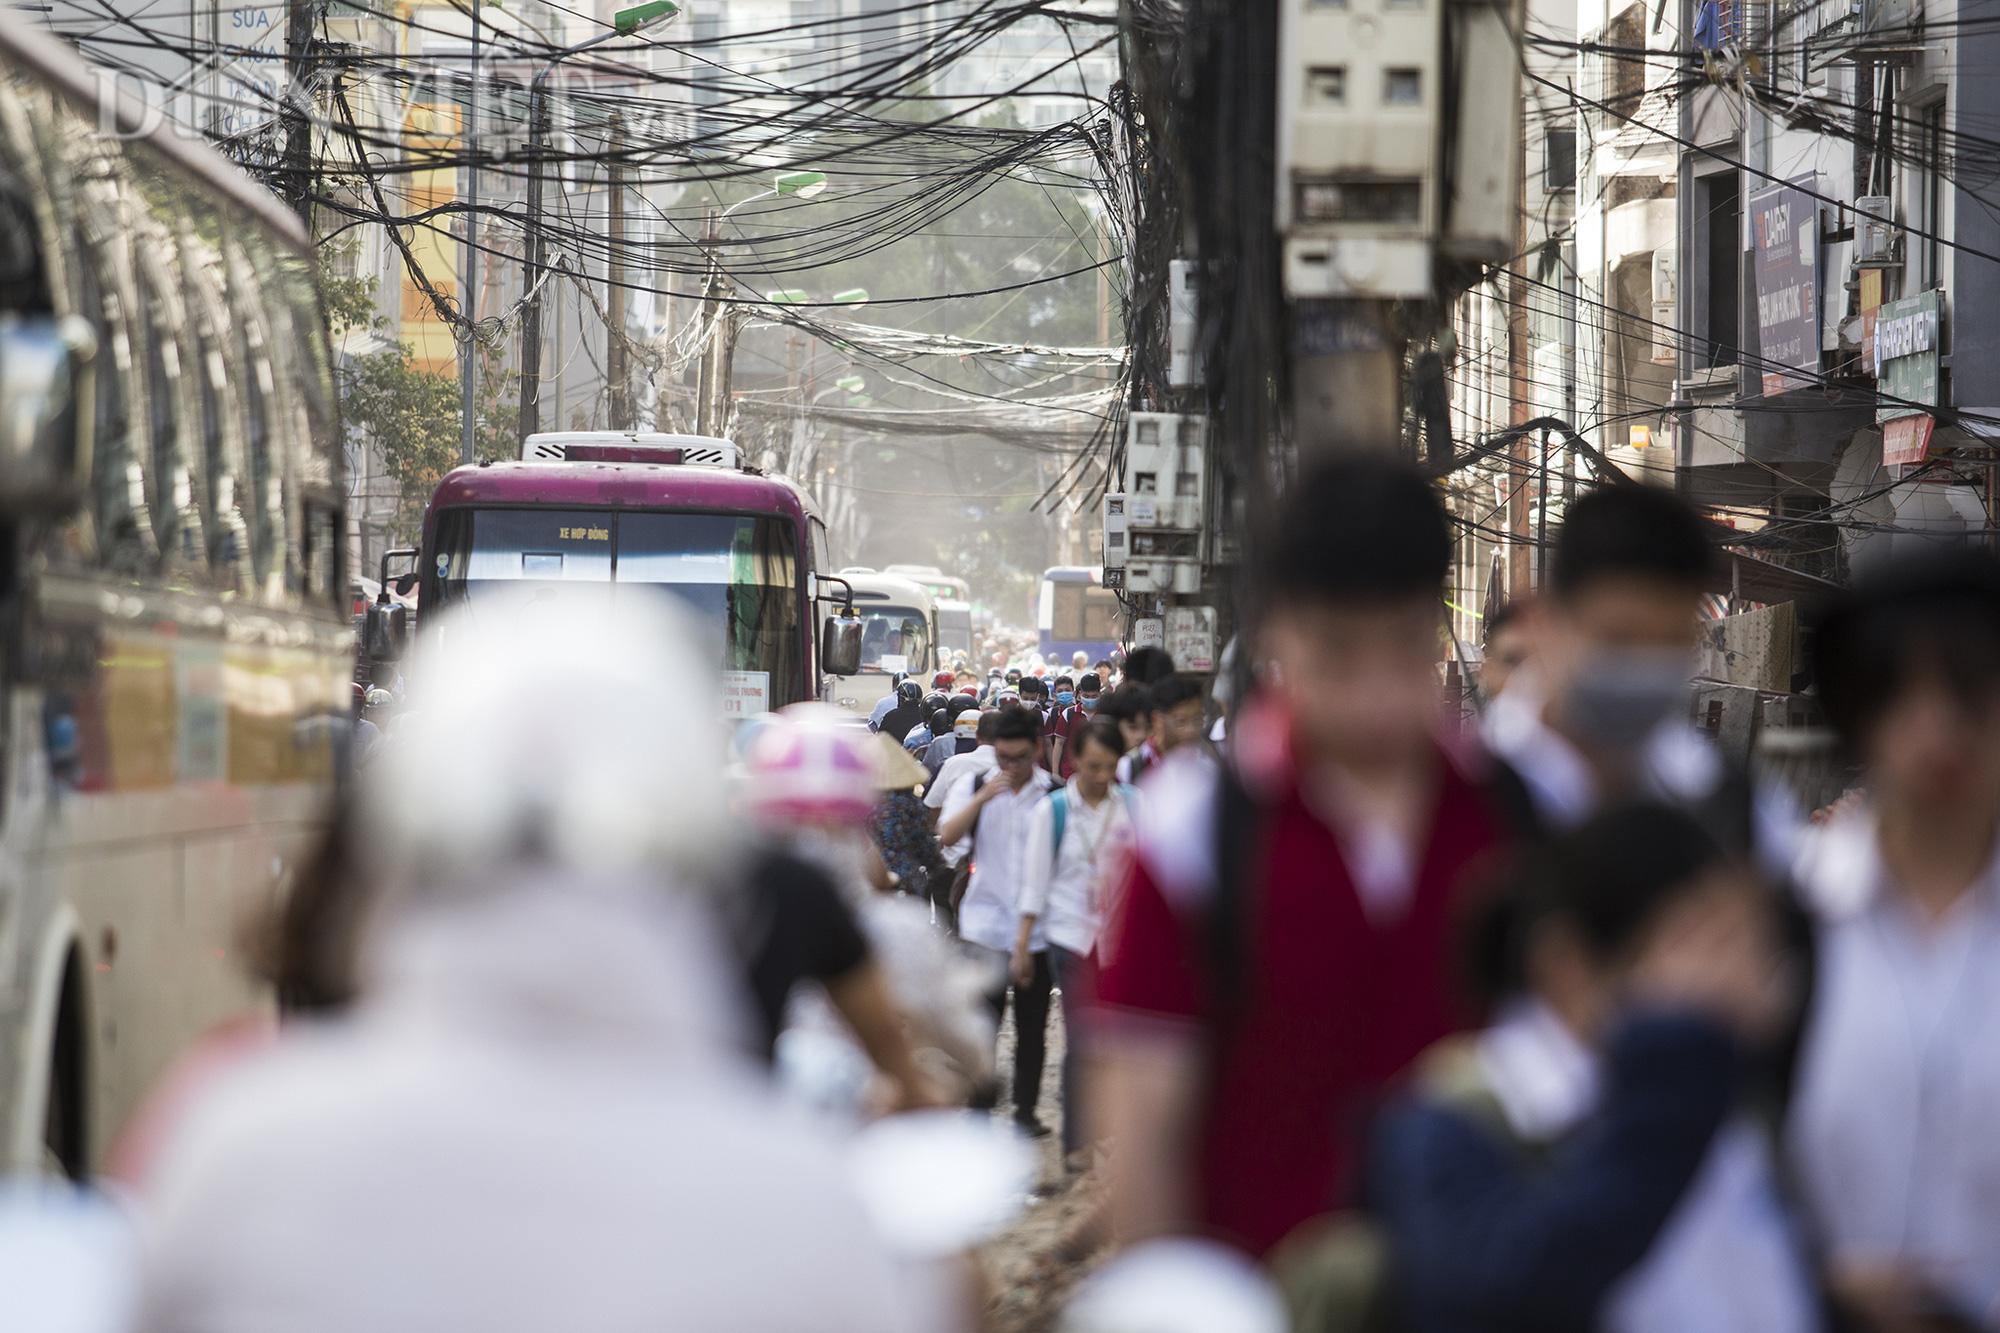 Vào các khung giờ cao điểm, hàng ngàn phương tiện cùng dòng người chen chúc di chuyển trên tuyến đường dài hơn 500 m.